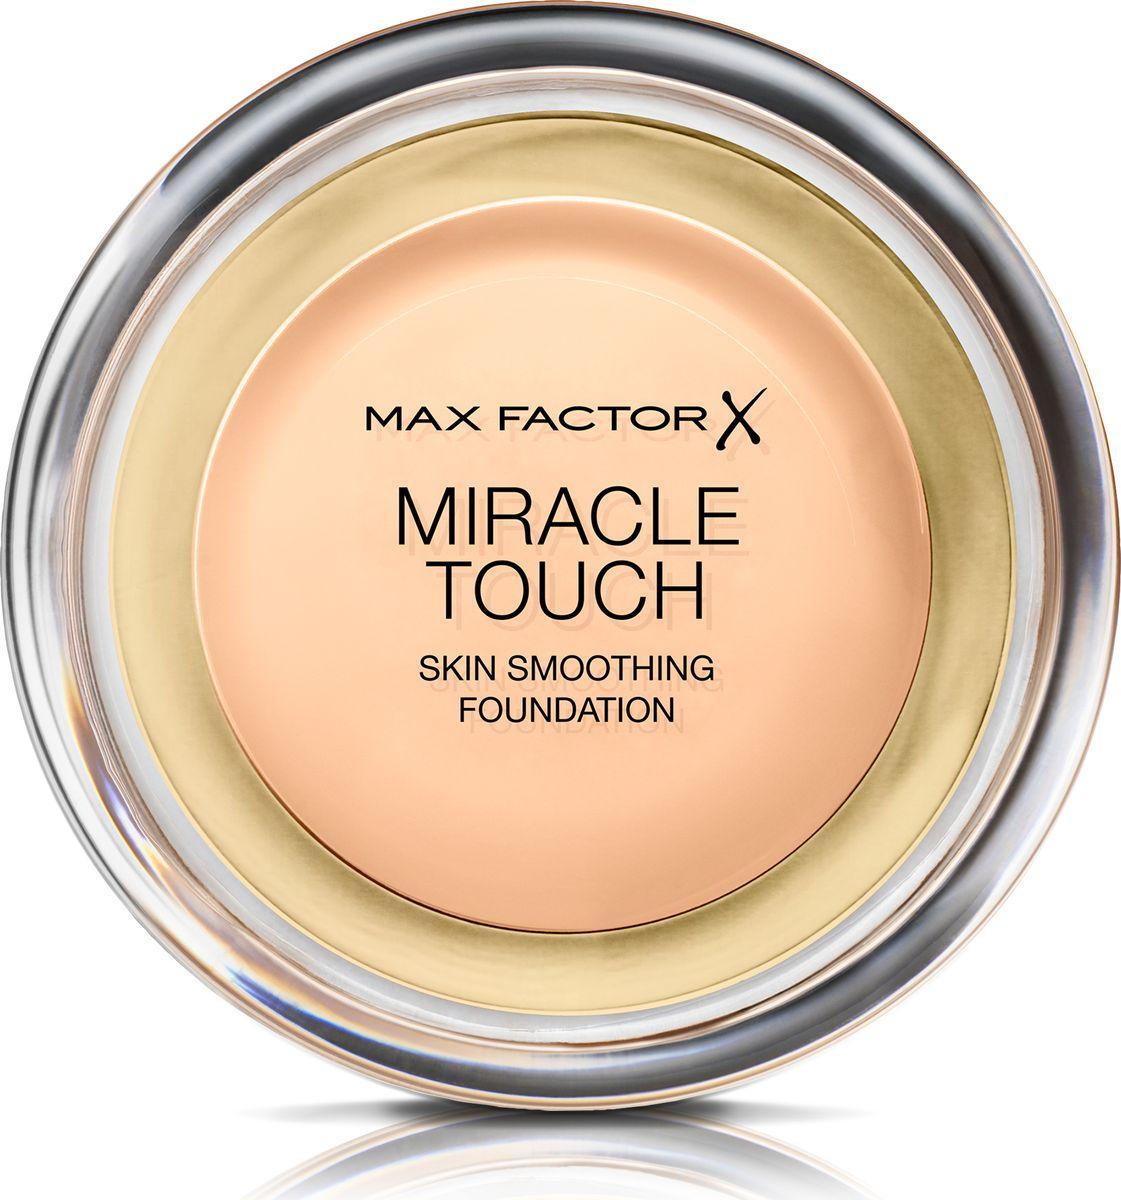 Max Factor Тональная Основа Miracle Touch Тон 40 creamy ivory 11,5 гр81055Уникальная универсальная тональная основа MaxFactorMiracleTouch обладает кремообразной формулой, благодаря которой превосходно подготовить кожу для макияжа очень легко. Всего один слой без необходимости нанесения консилера или пудры. Легкая твердая тональная основа тает в руках и гладко наносится на кожу, создавая идеальное, безупречно блестящее и равномерное покрытие, не слишком прозрачное и не слишком плотное. В результате кожа выглядит свежей, необычайно ровной и приобретает сияние. Чтобы создать безупречное покрытие, можно нанести всего один легкий слой тональной основы или же сделать покрытие более плотным благодаря специальной формуле. Тональная основа подходит для всех типов кожи, включая чувствительную кожу, и не вызывает угревой сыпи, так как не закупоривает поры. Спонж в комплекте для простого и аккуратного нанесения где угодно.Идеальное покрытие в один слой- консилер и пудра не нужны. Умеренное или плотное покрытие благодаря специальной формуле. Не вызывает угревую сыпь и не закупоривает поры. Дерматологически протестировано, подходит для чувствительной кожи.Удобная компактная форма, которую легко держать в руках, со спонжем для быстрого и простого нанесения. Идеальный оттенок должен соответствовать тону кожи на линии подбородка. Для получения наиболее профессионального результата с помощью спонжа, входящего в комплект, нанеси тональную основу MiracleTouchLiquidIllusion и распредели ее от центра лица к краям. Чтобы скрыть темные круги и недостатки кожи, наноси основу краем спонжа. Всегда наноси продукт при ярком дневном освещении.